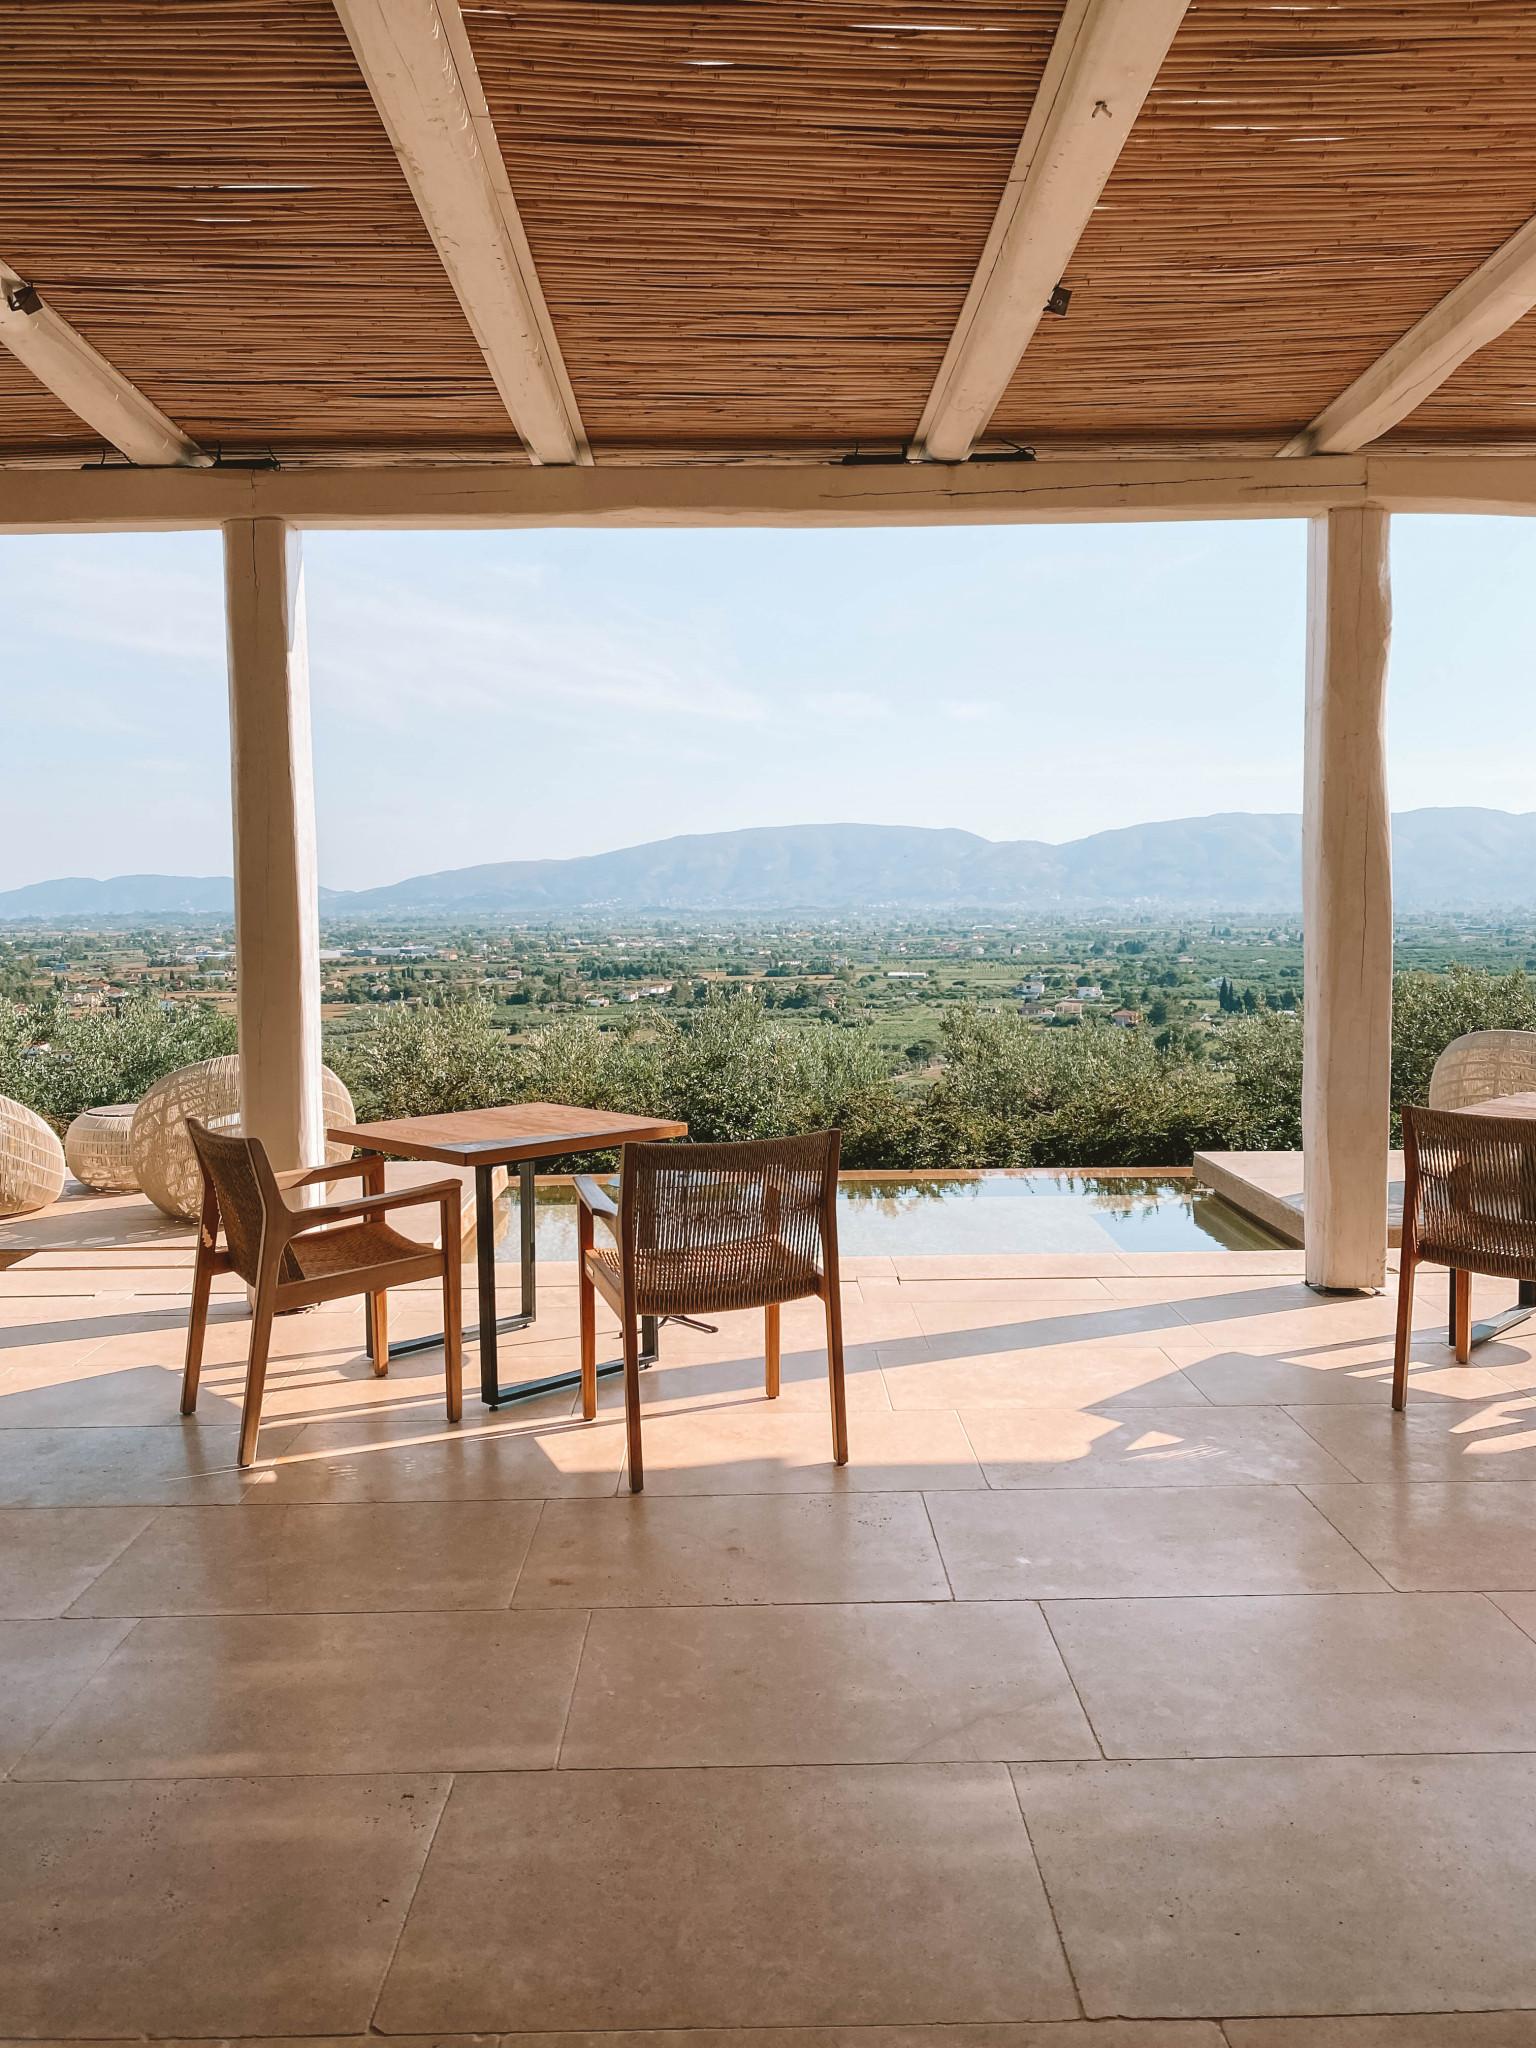 Grèce : Olea All Suite Hotel, bijou de design et de sérénite sur l'île de Zakynthos - 12